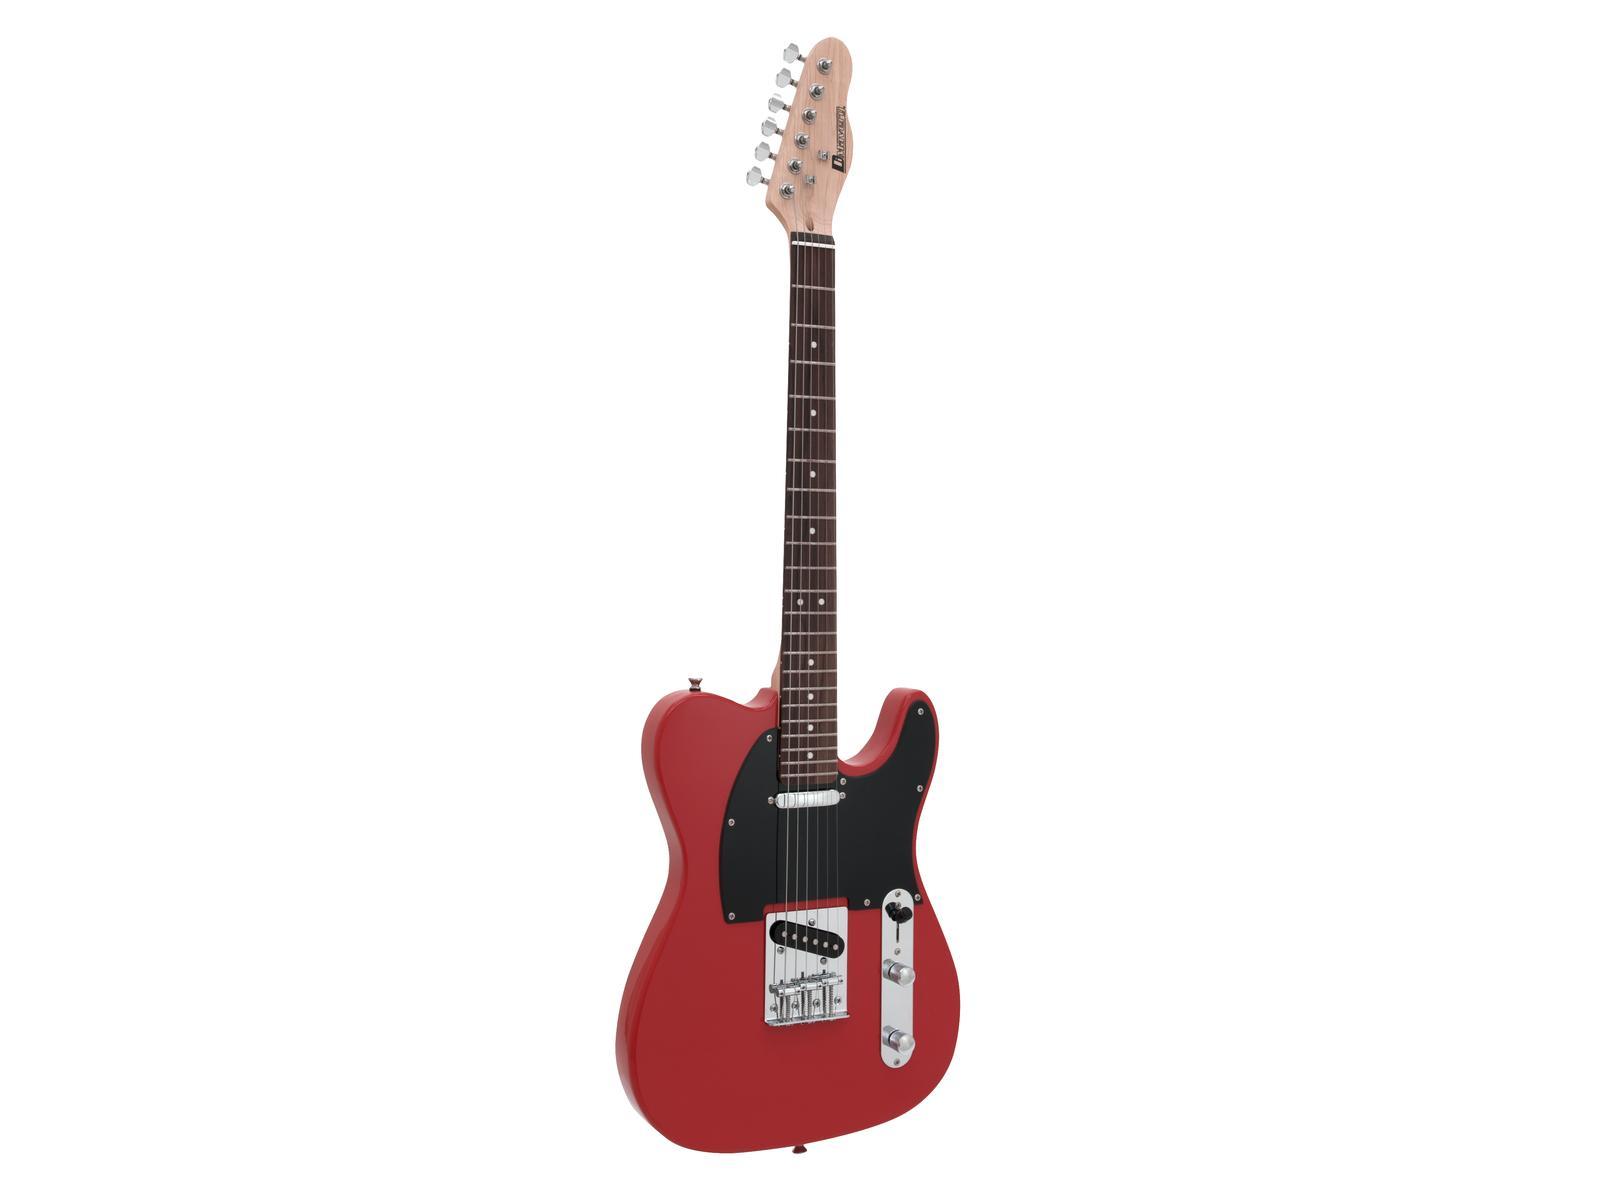 dimavery-tl-401-e-gitarre-rot